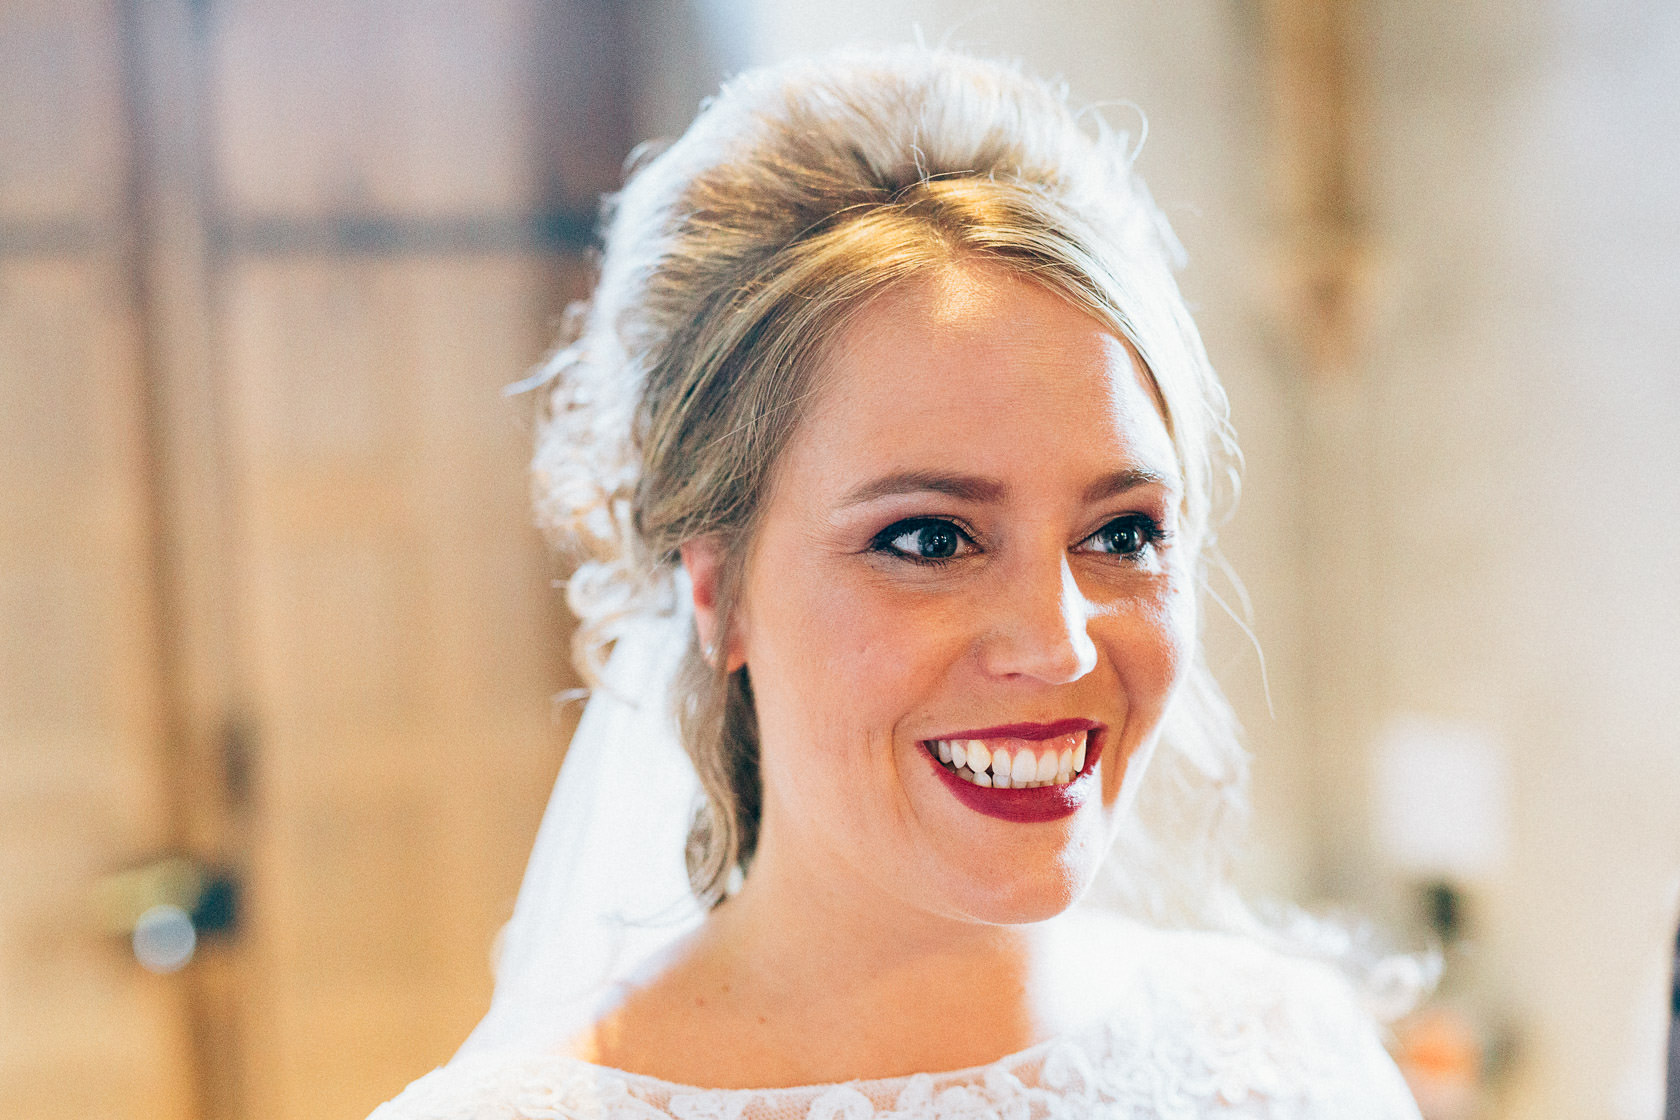 Blauweiße Hochzeit in Bad Kreuznach Strahlende Braut Portrait